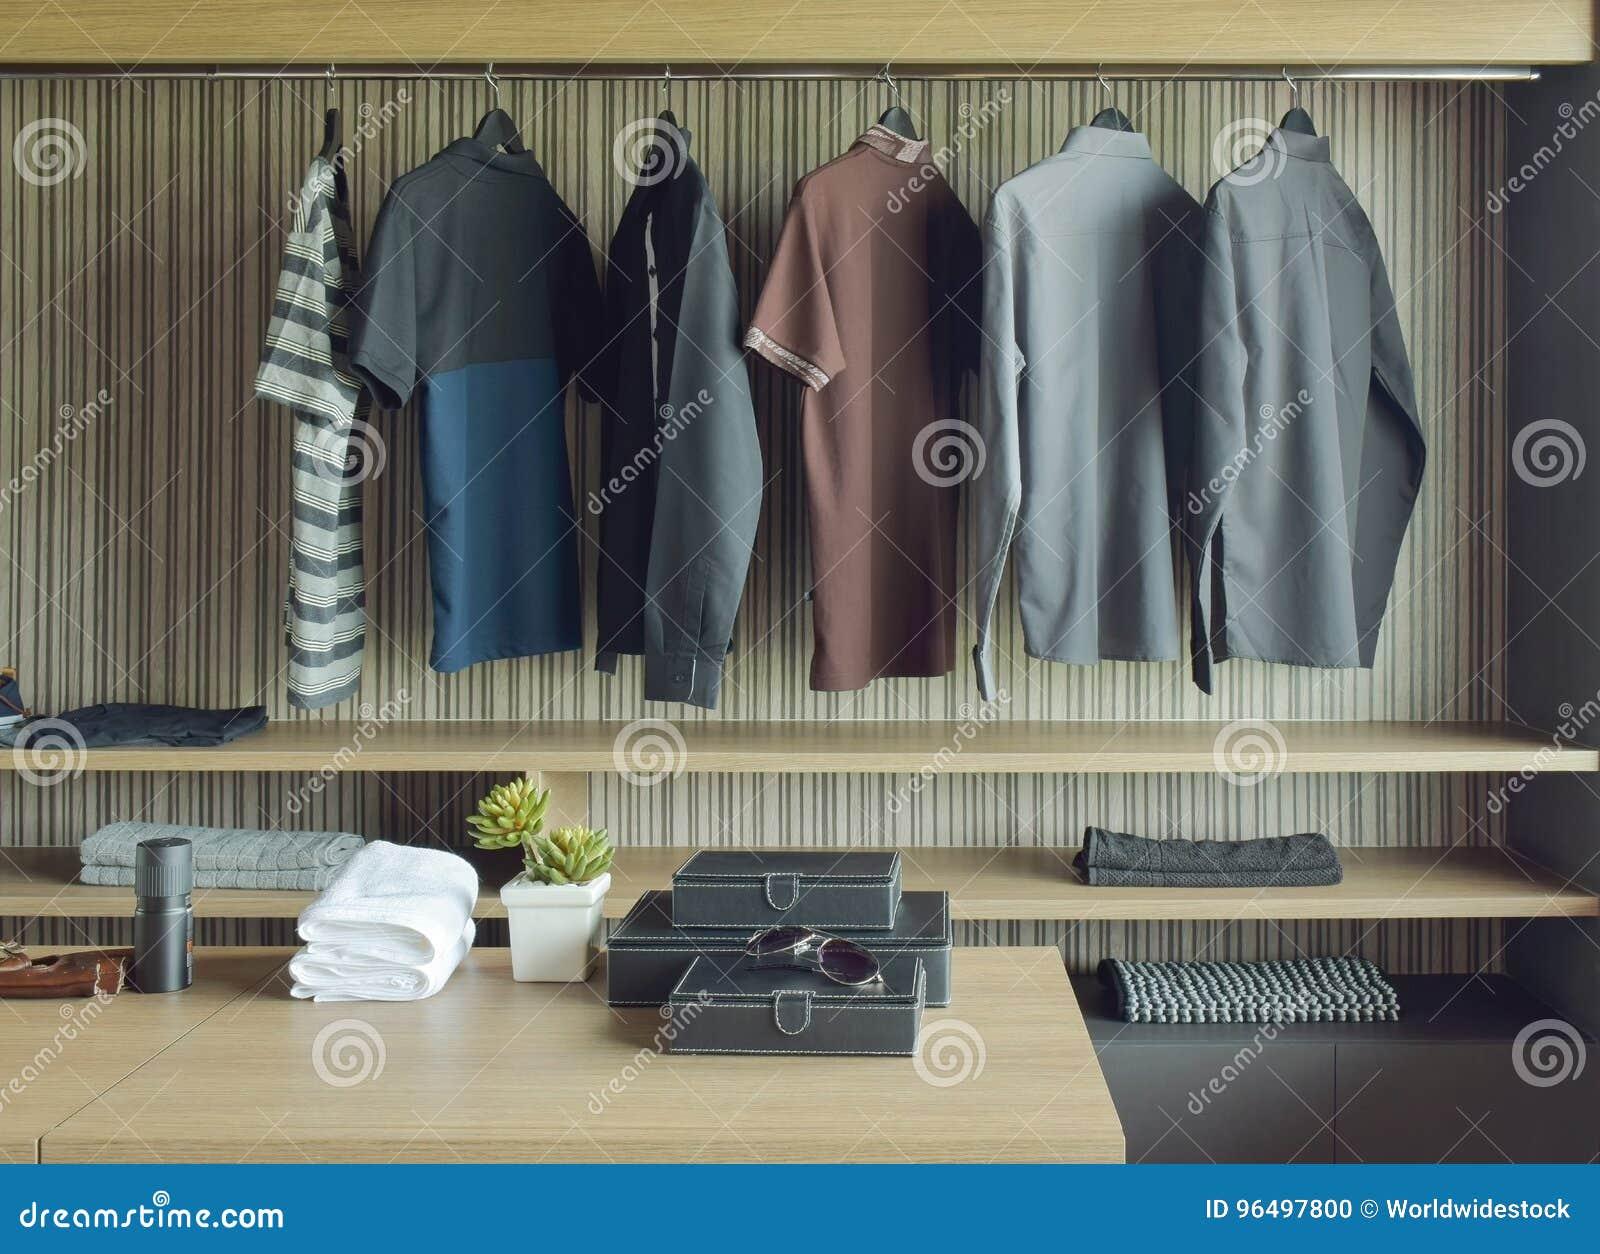 Houten Slaapkamer Kast : Moderne slaapkamer met bed en kast in notenhout